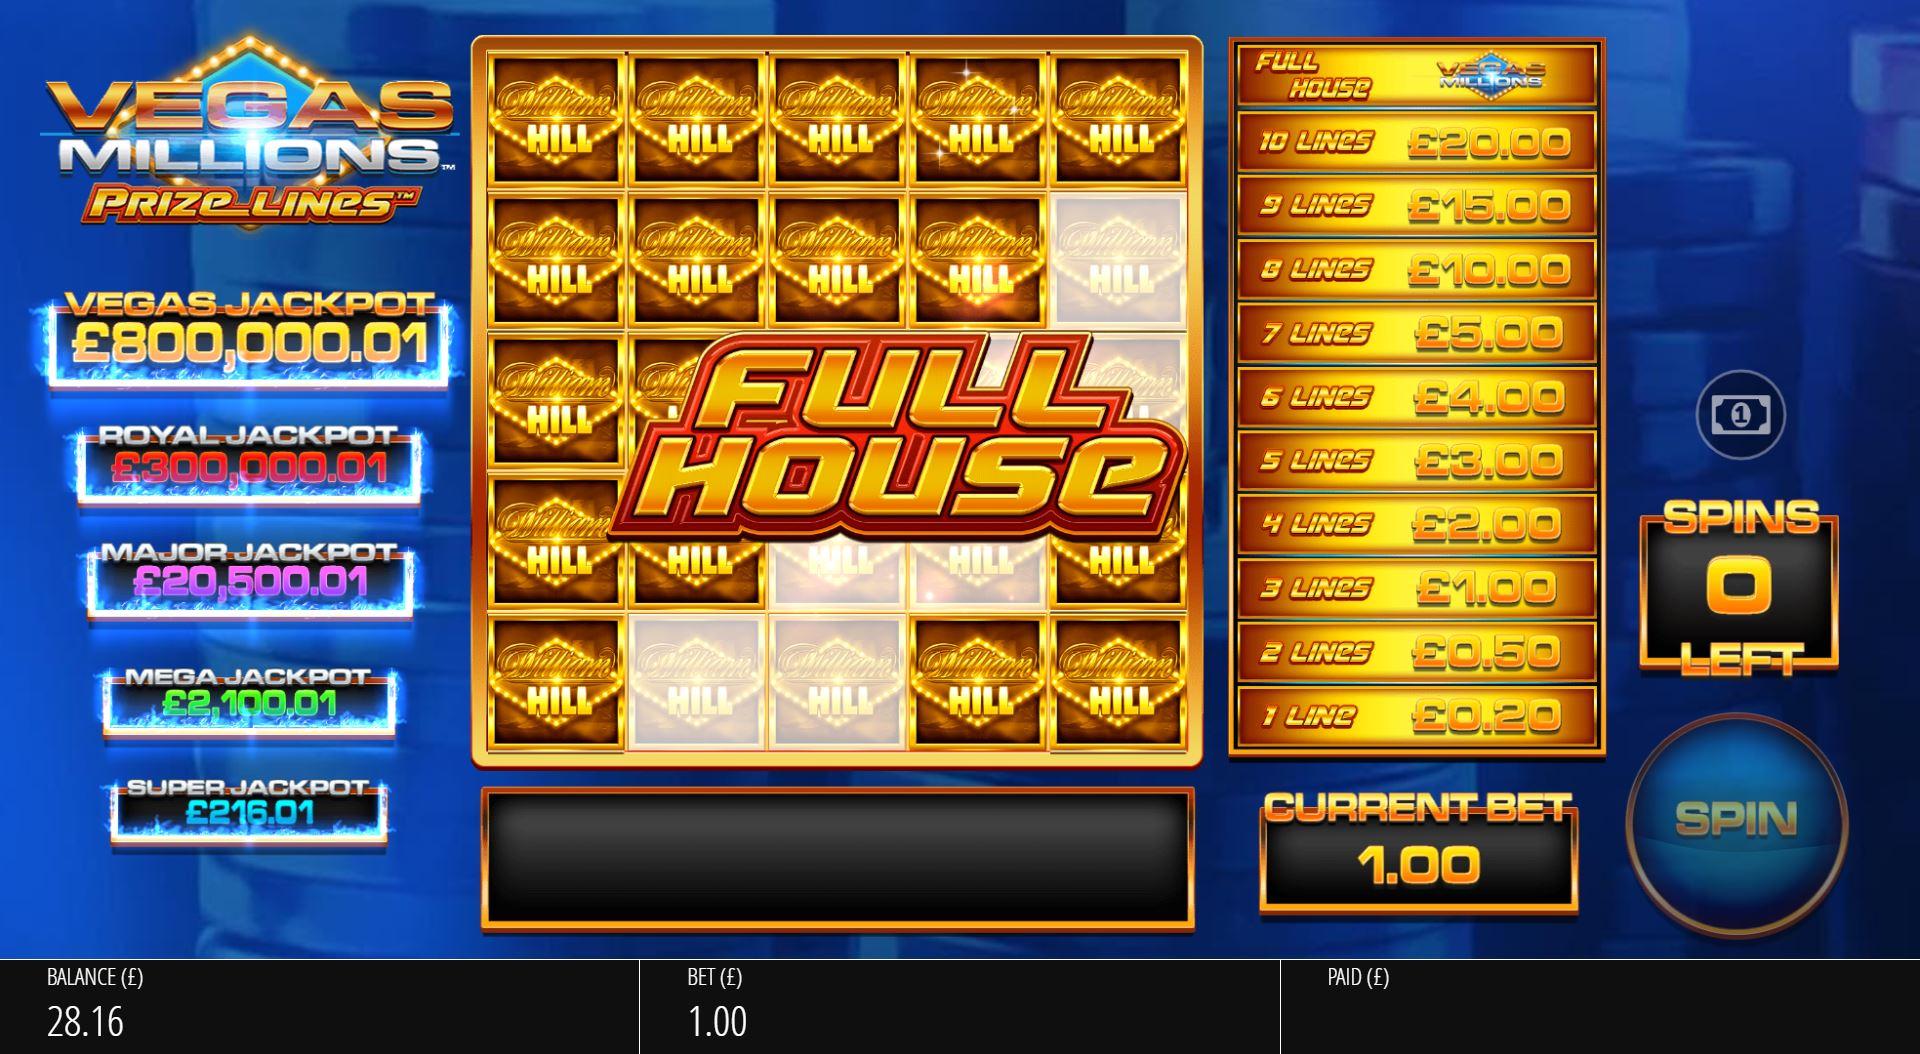 Vegas_Millions_Prize_Lines-FullHouse